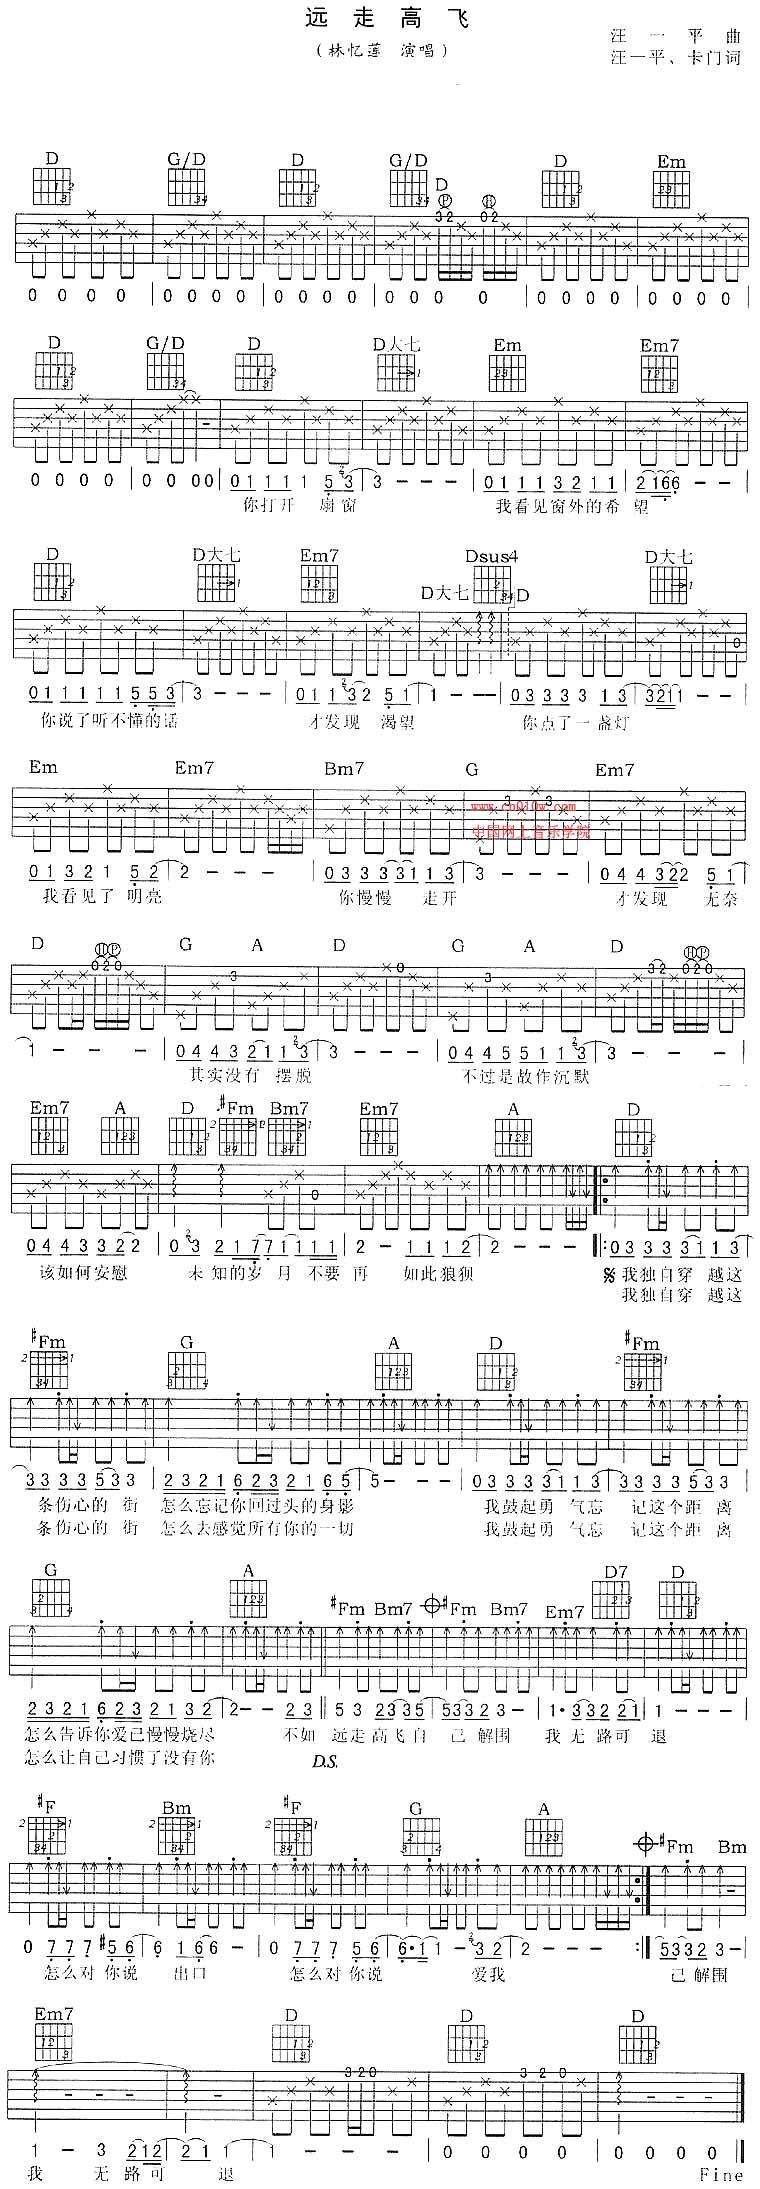 远走高飞吉他曲谱